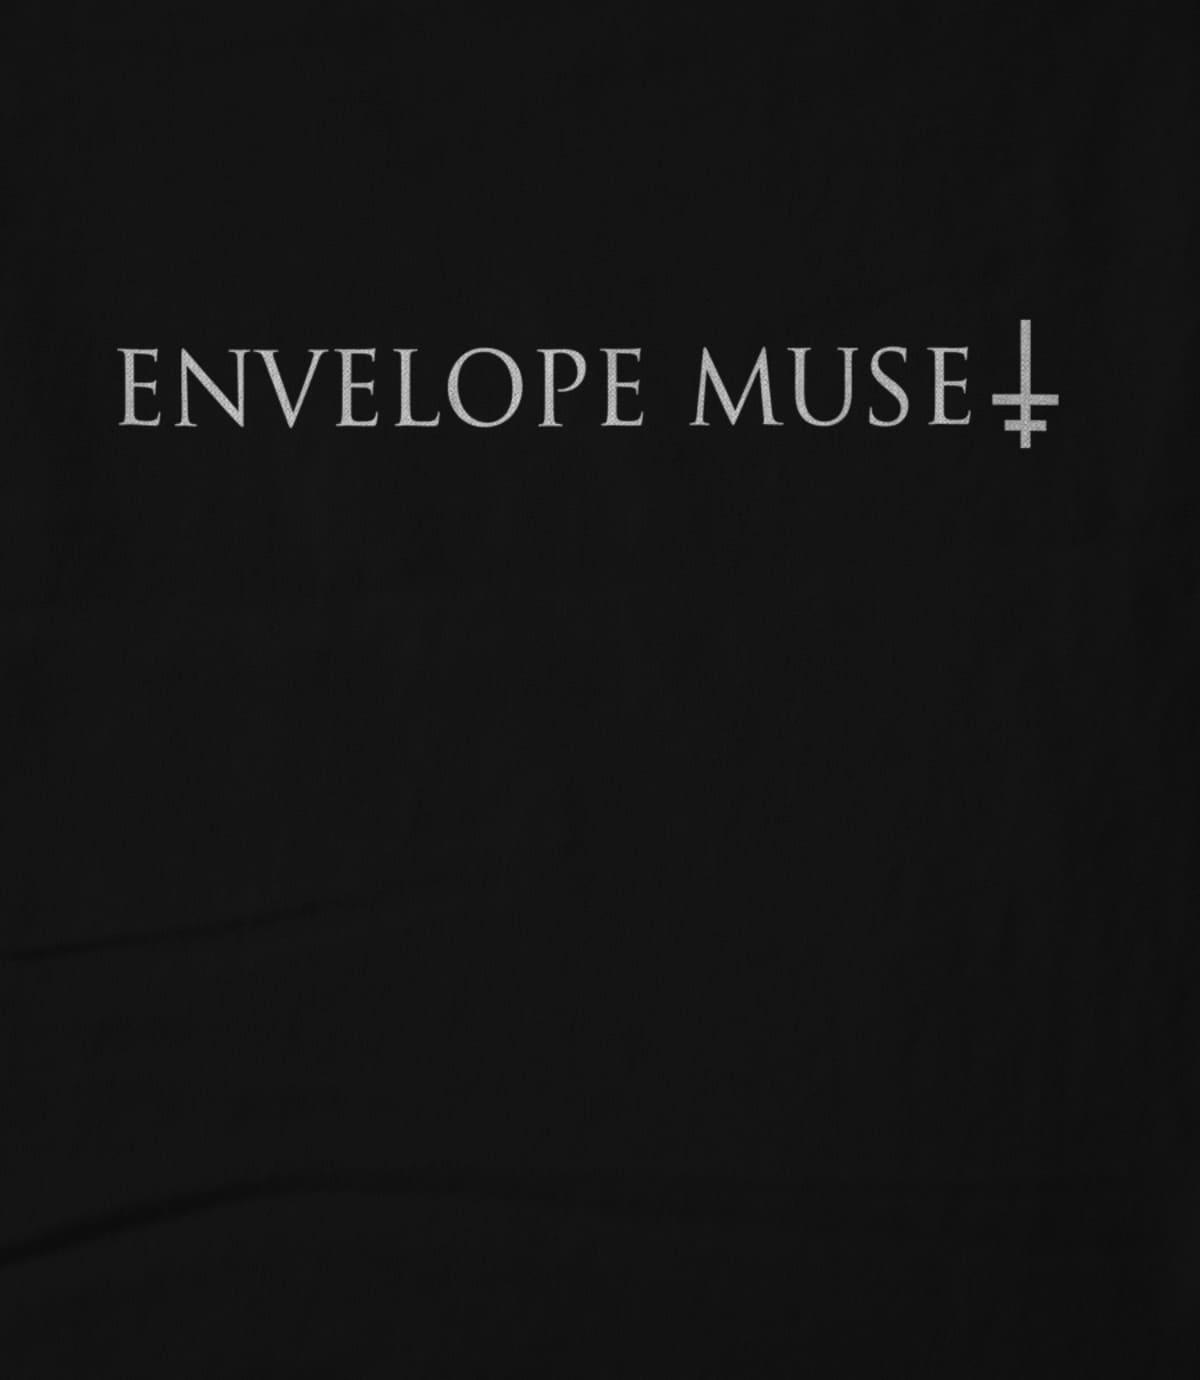 Envelope Muse